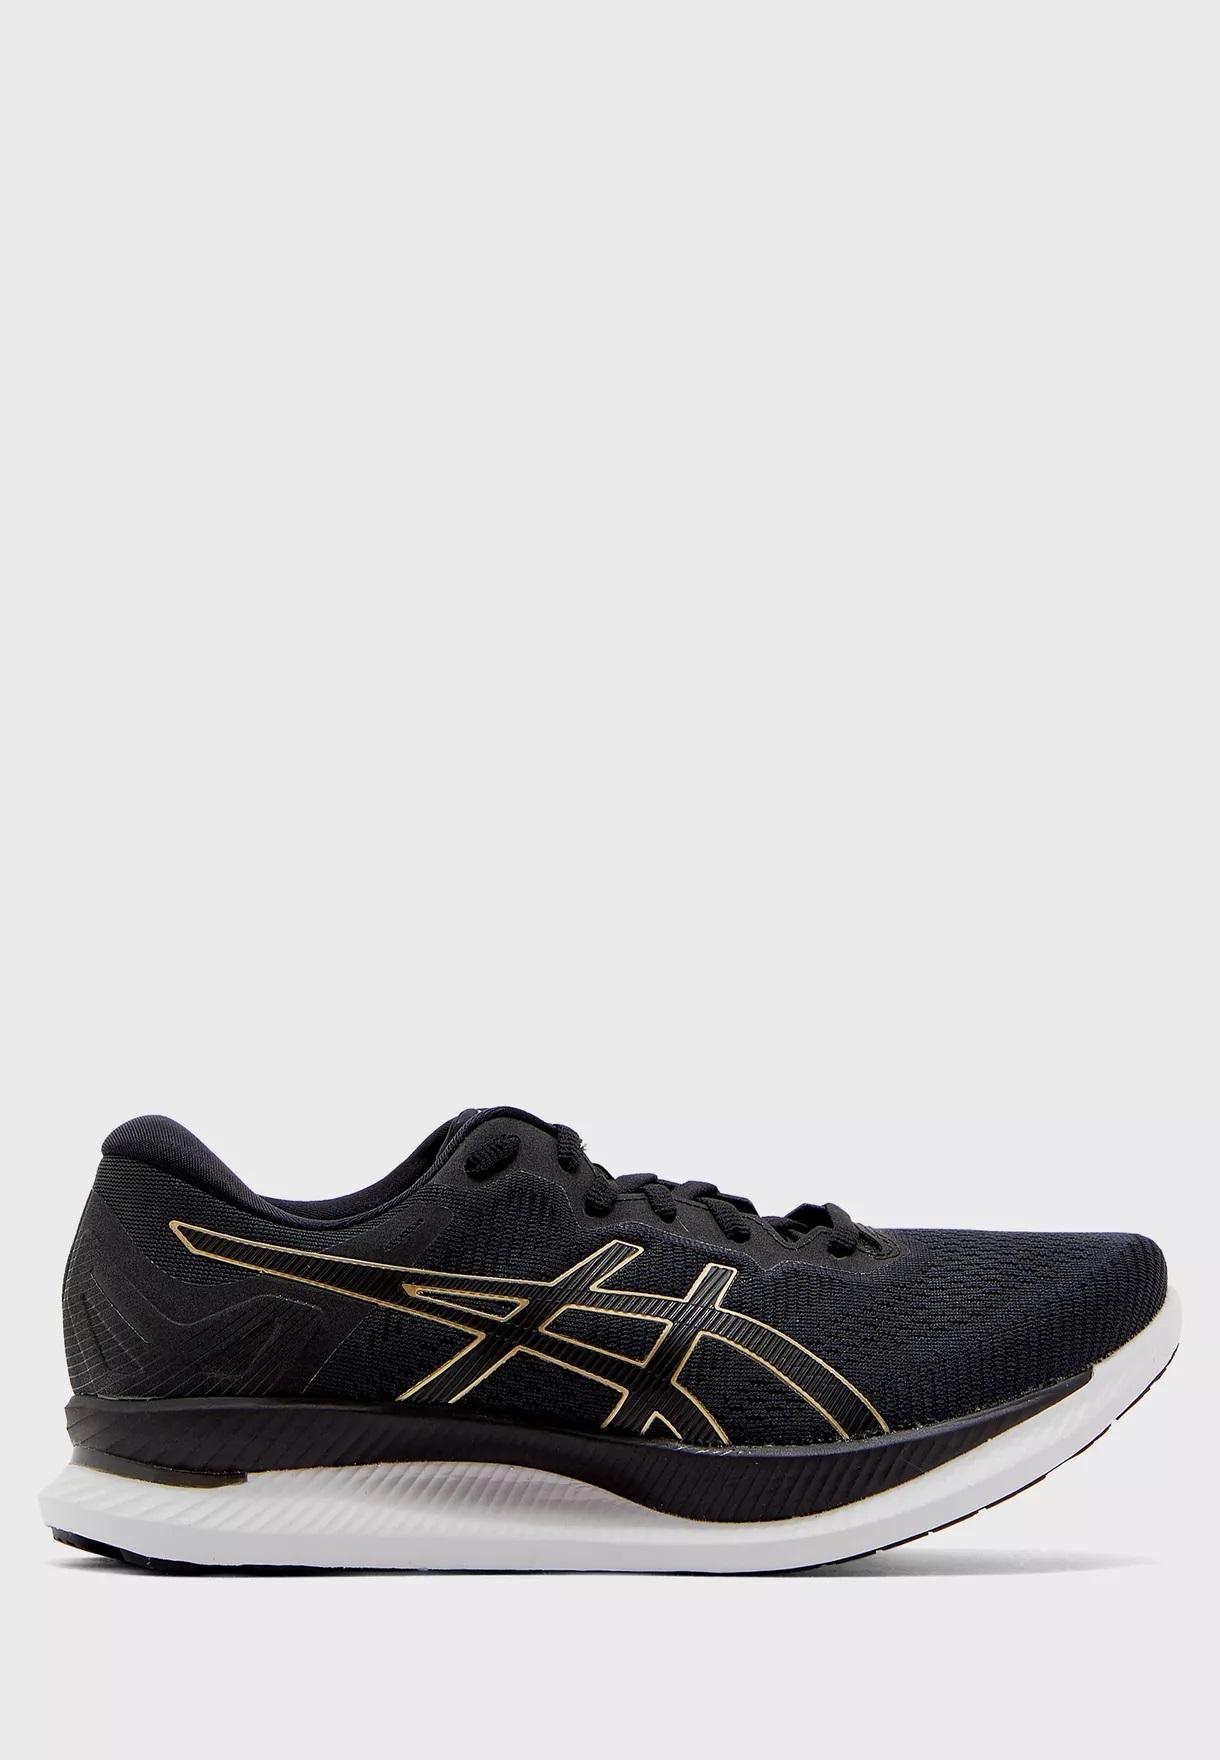 נעלי ריצה אסיקס לגברים Asics GlideRide - שחור